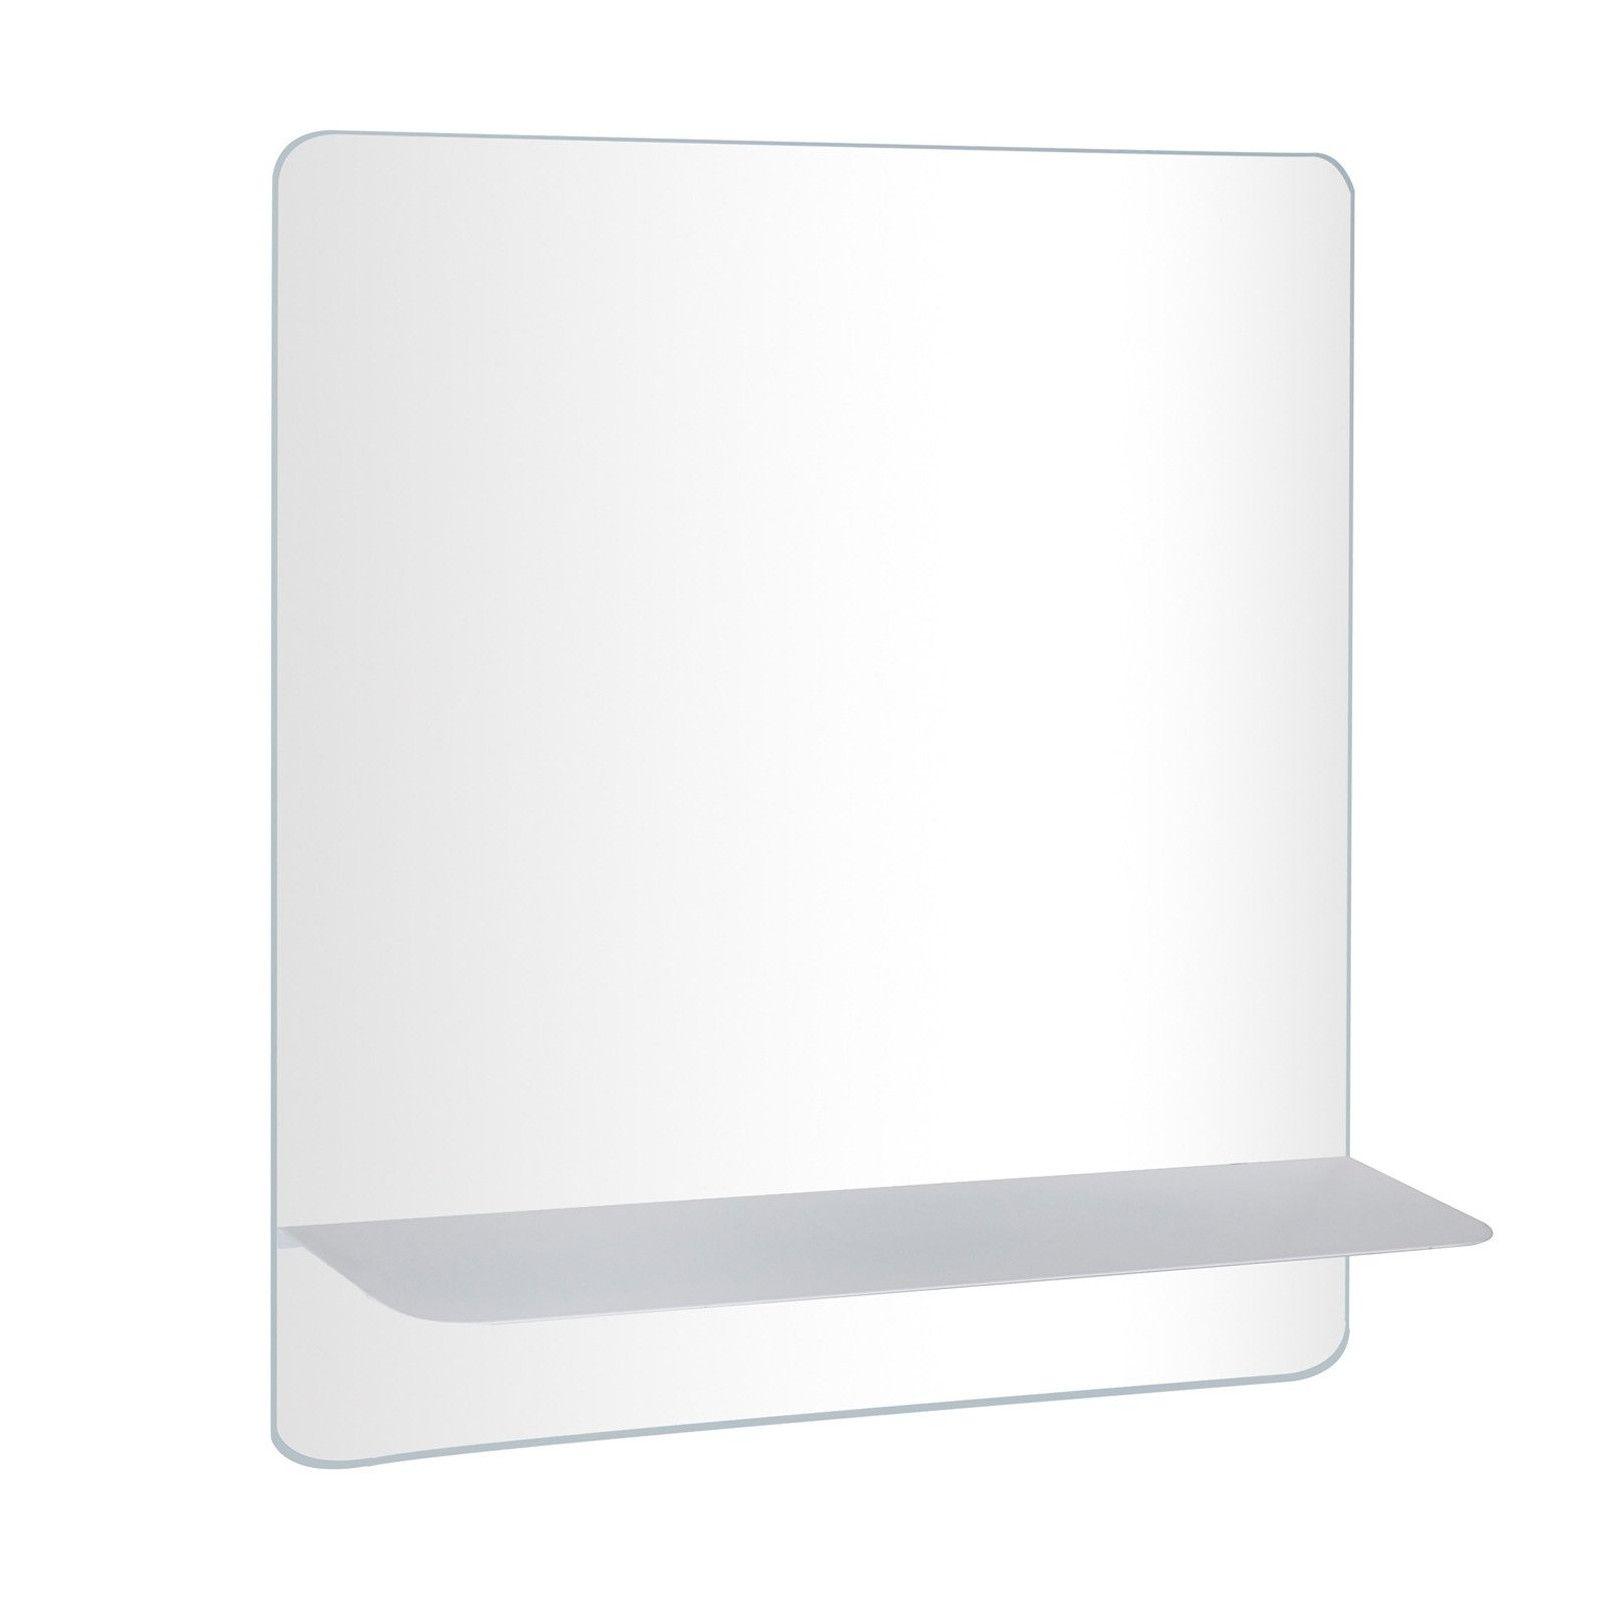 Ensemble de Salle de Bain WILL - Plan suspendu 60 cm + Equerres invisibles + Meuble tiroir + Vasque